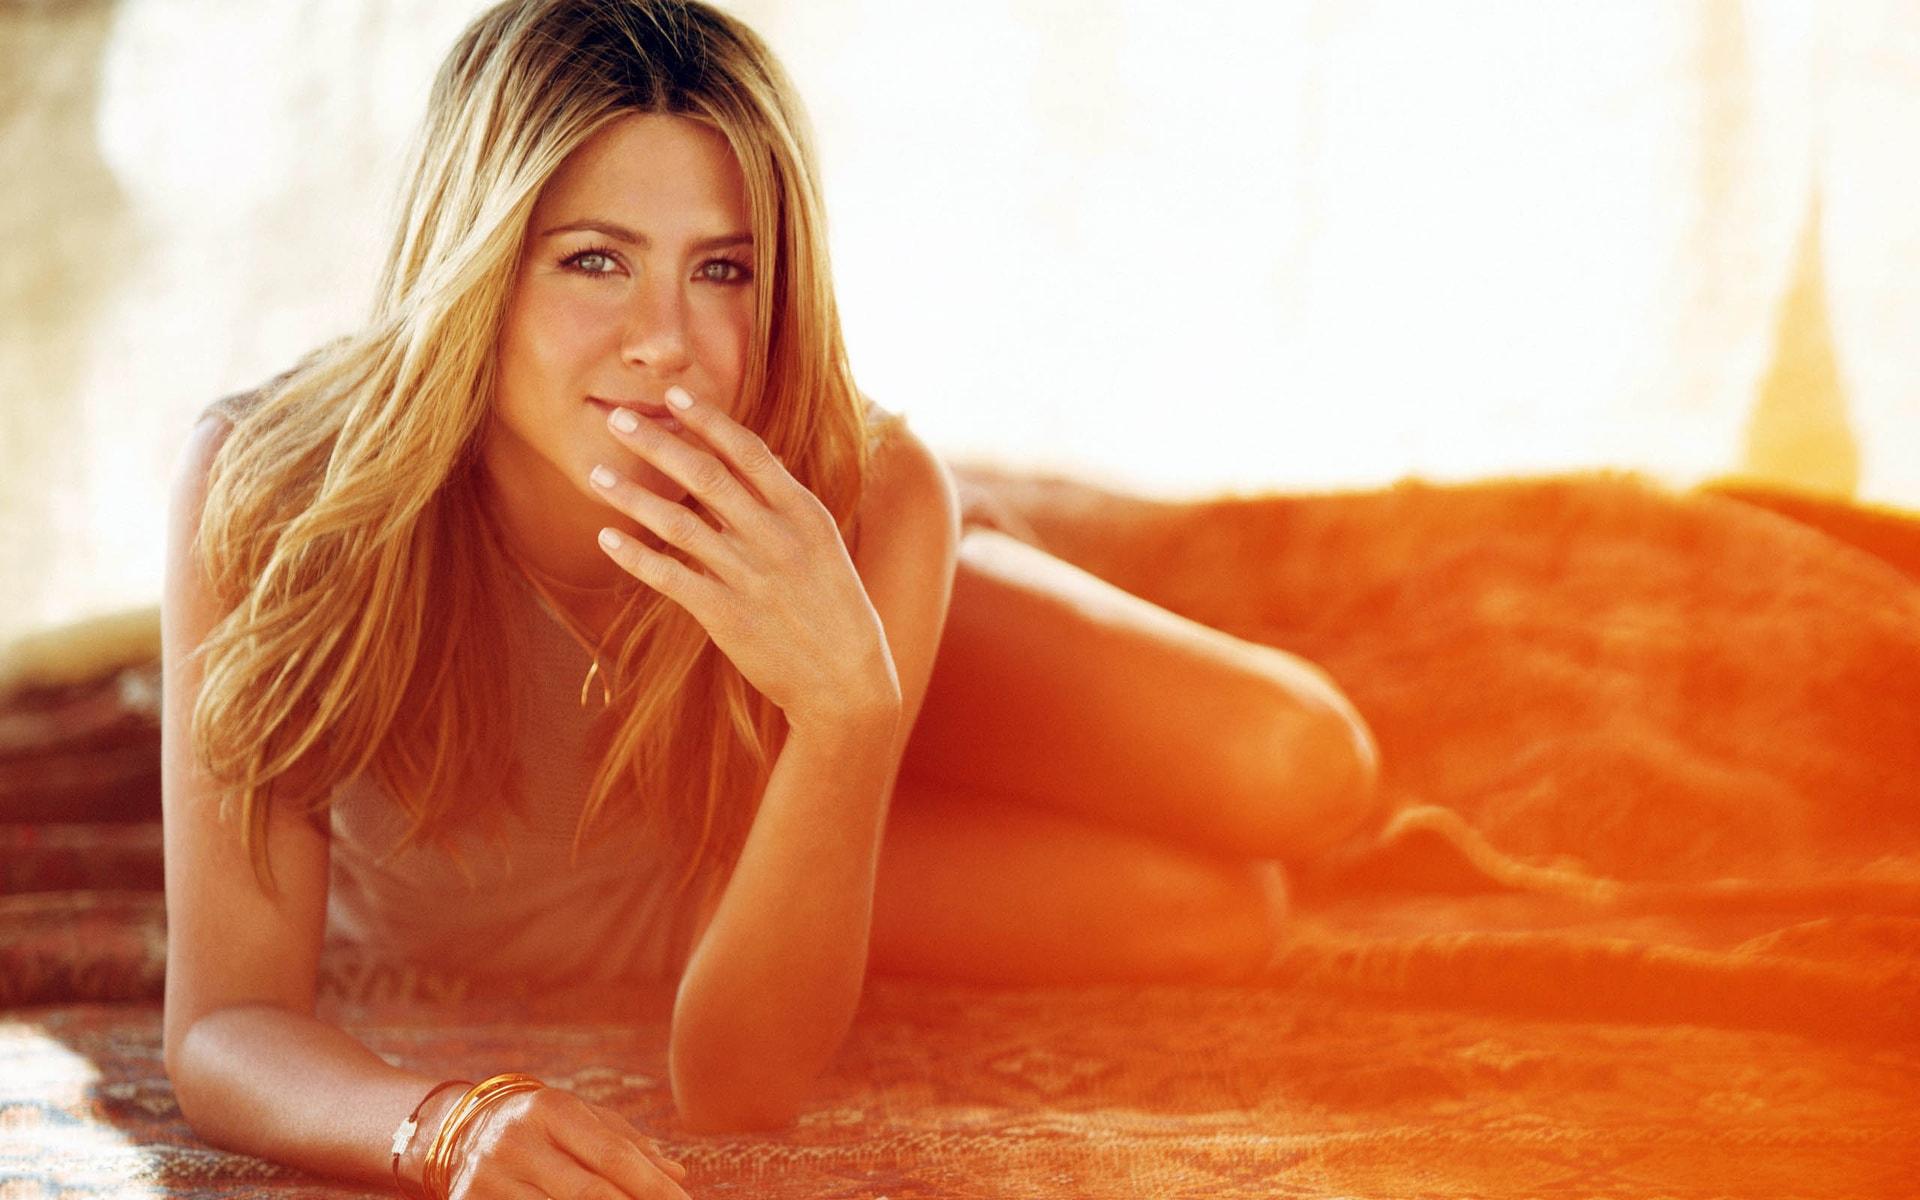 Jennifer Aniston for mobile